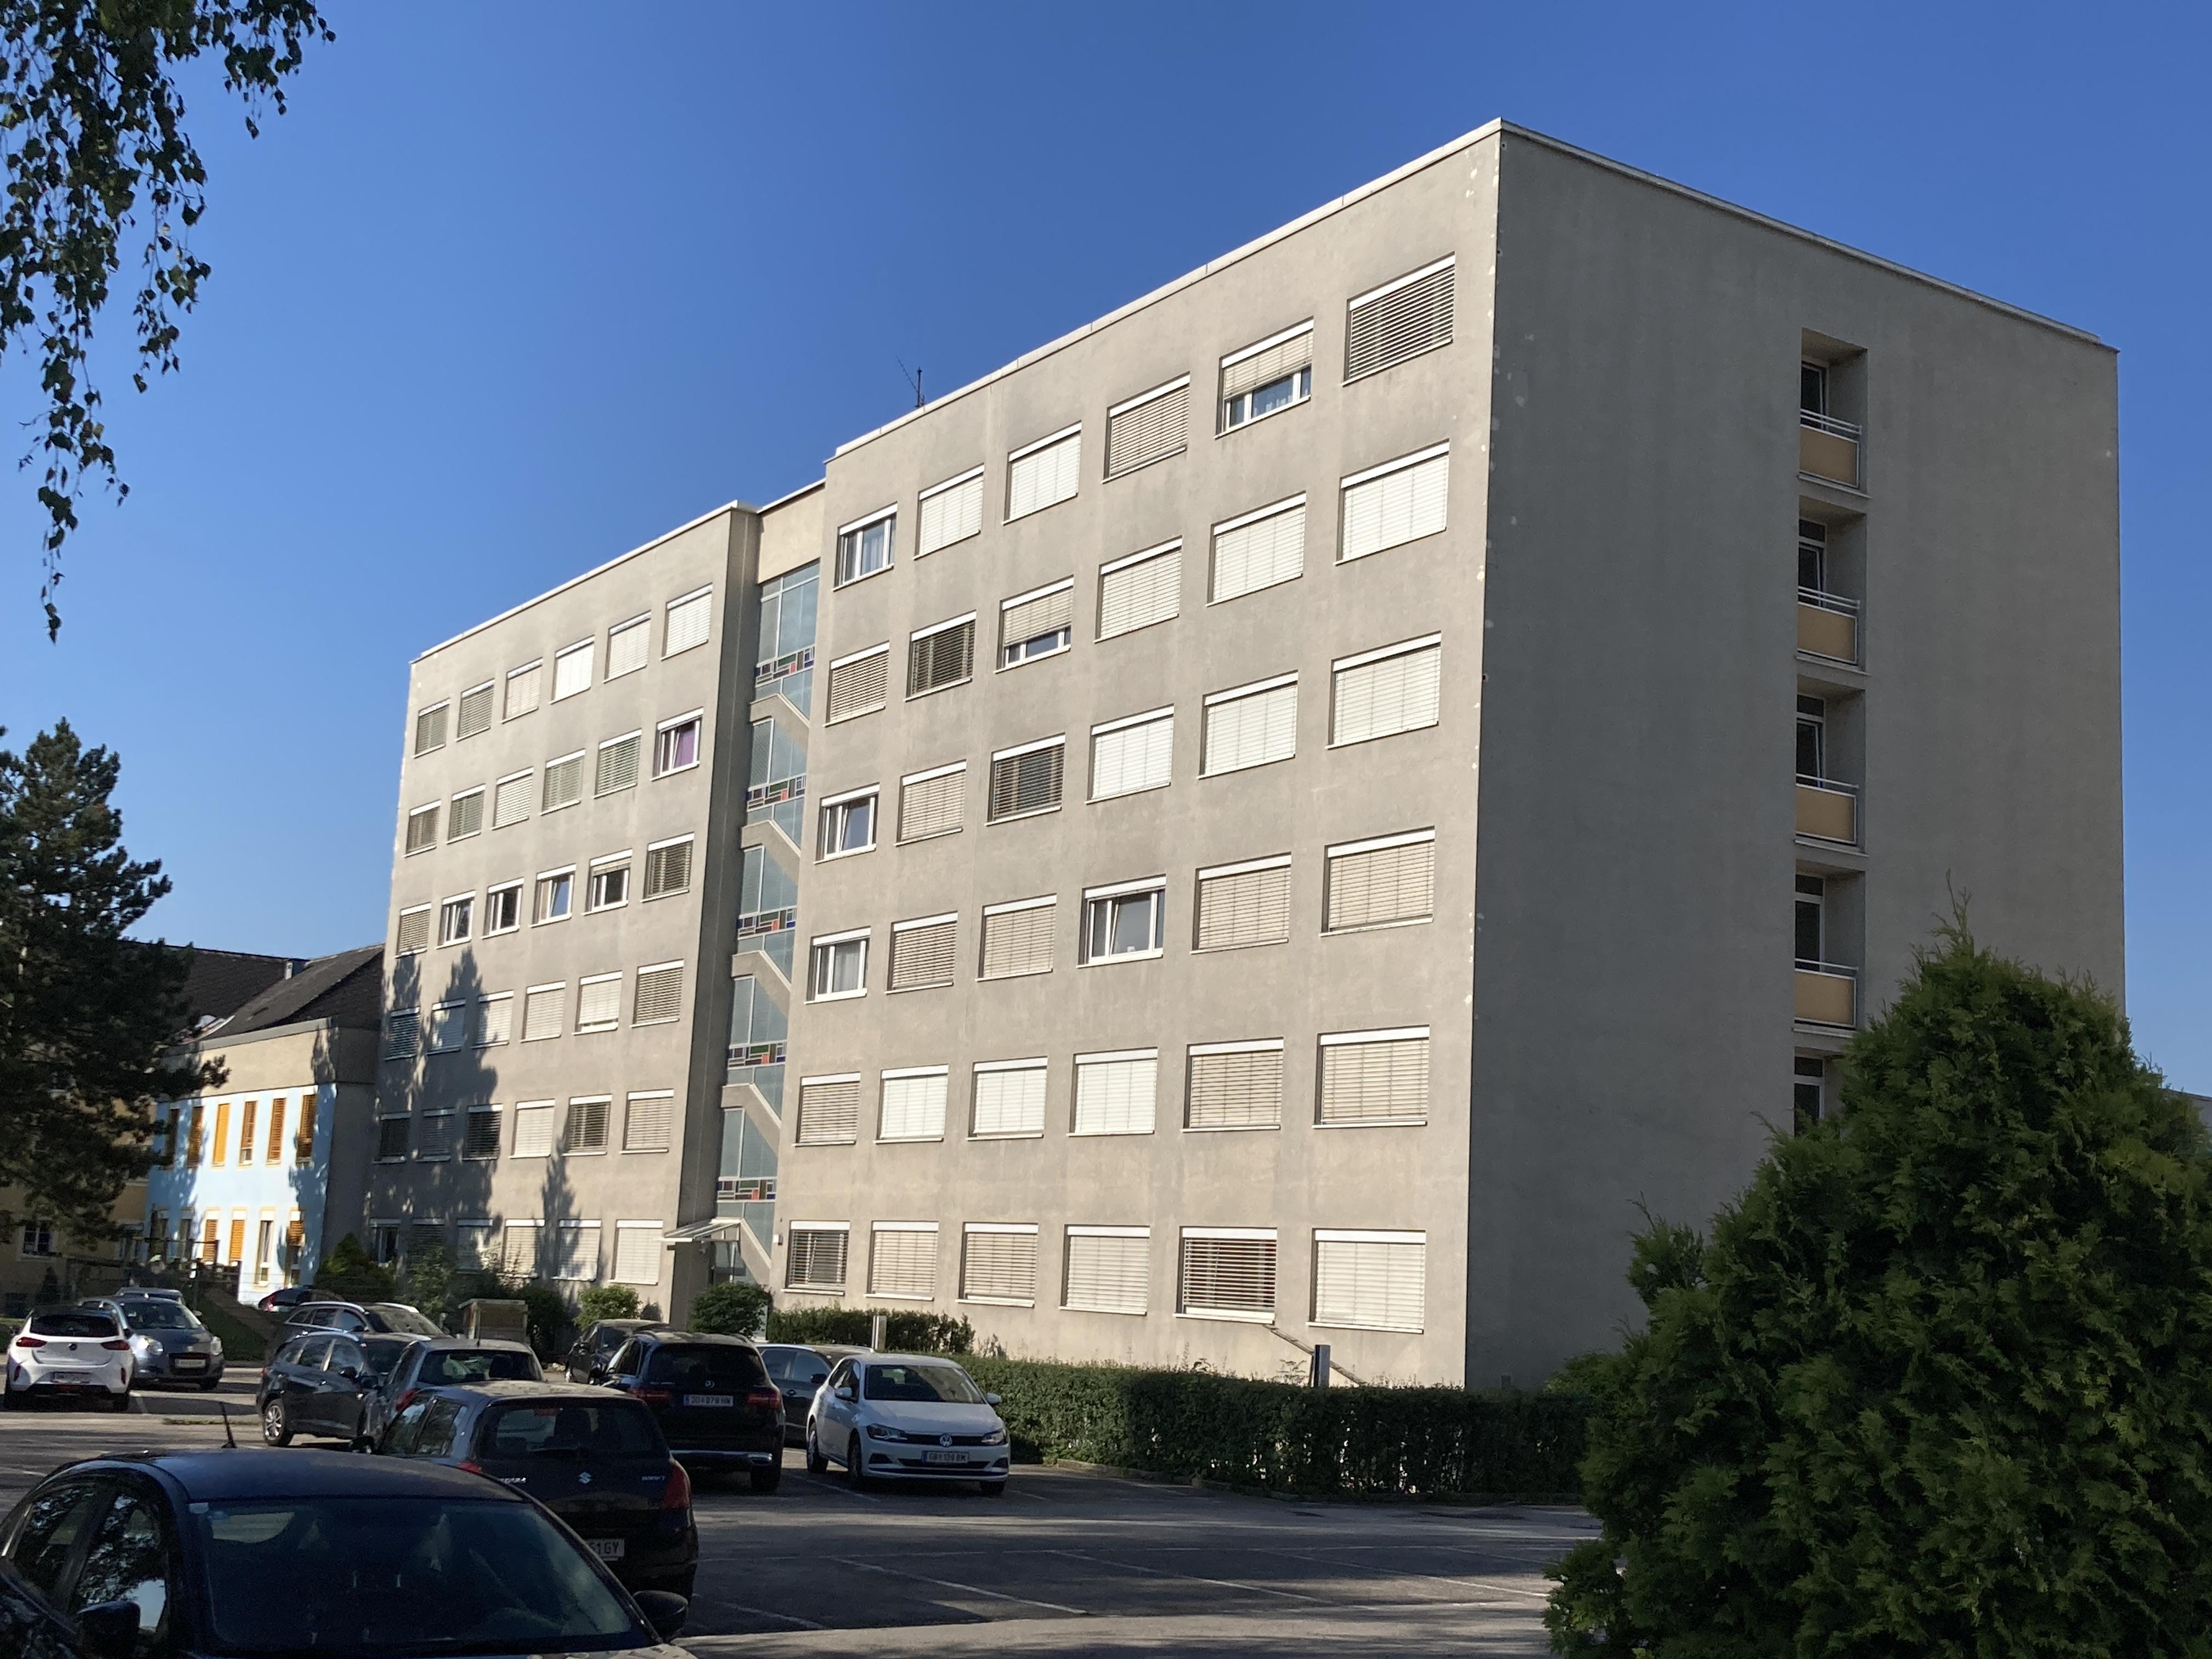 Immobilie von LAWOG in Sierninger Straße 170d, 4400 Steyr #0